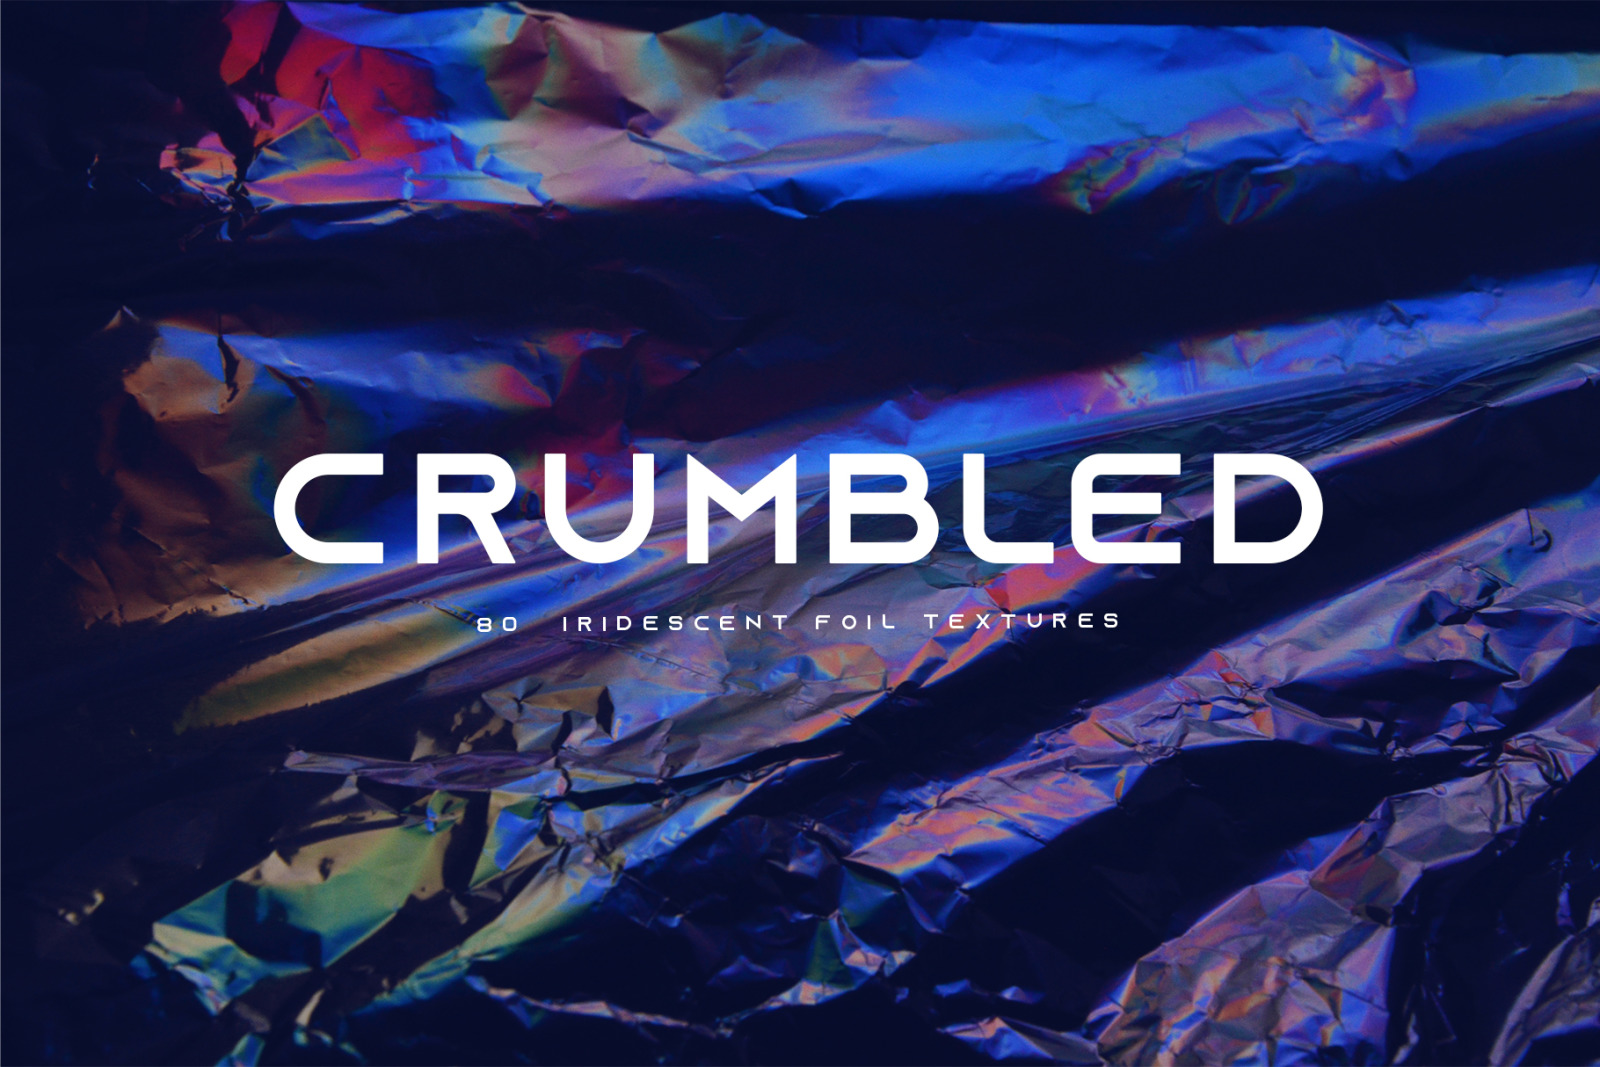 [淘宝购买] 80款潮流全息渐变虹彩金属箔纸纹理海报设计背景图片素材 Crumbled – 80 Foil Textures插图